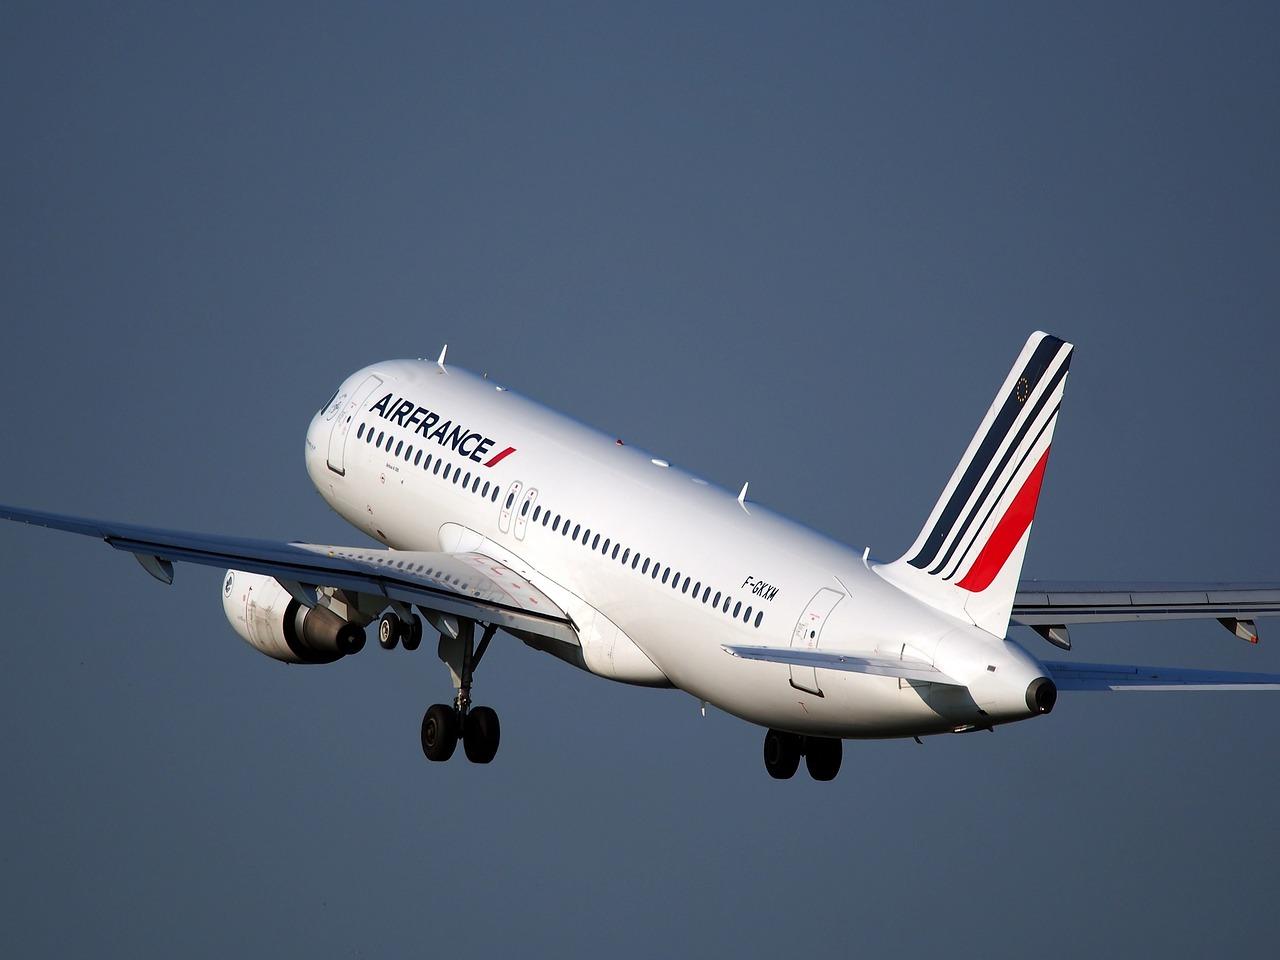 Air France-KLM : bientôt la fin du conflit social ?